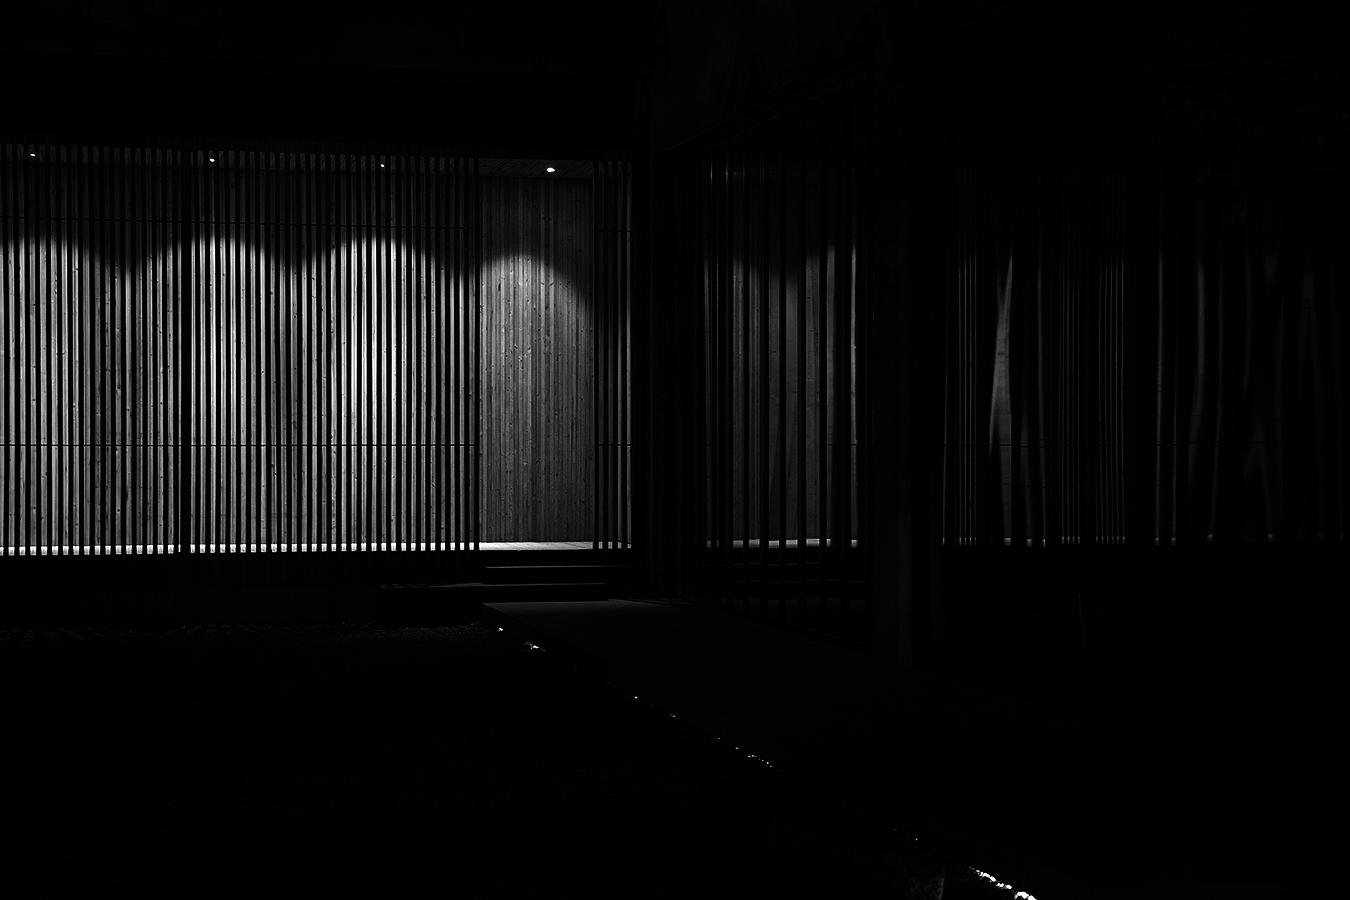 Linda_Ruan_through_the_window_shade_night_view_Xiamen_black_and_white